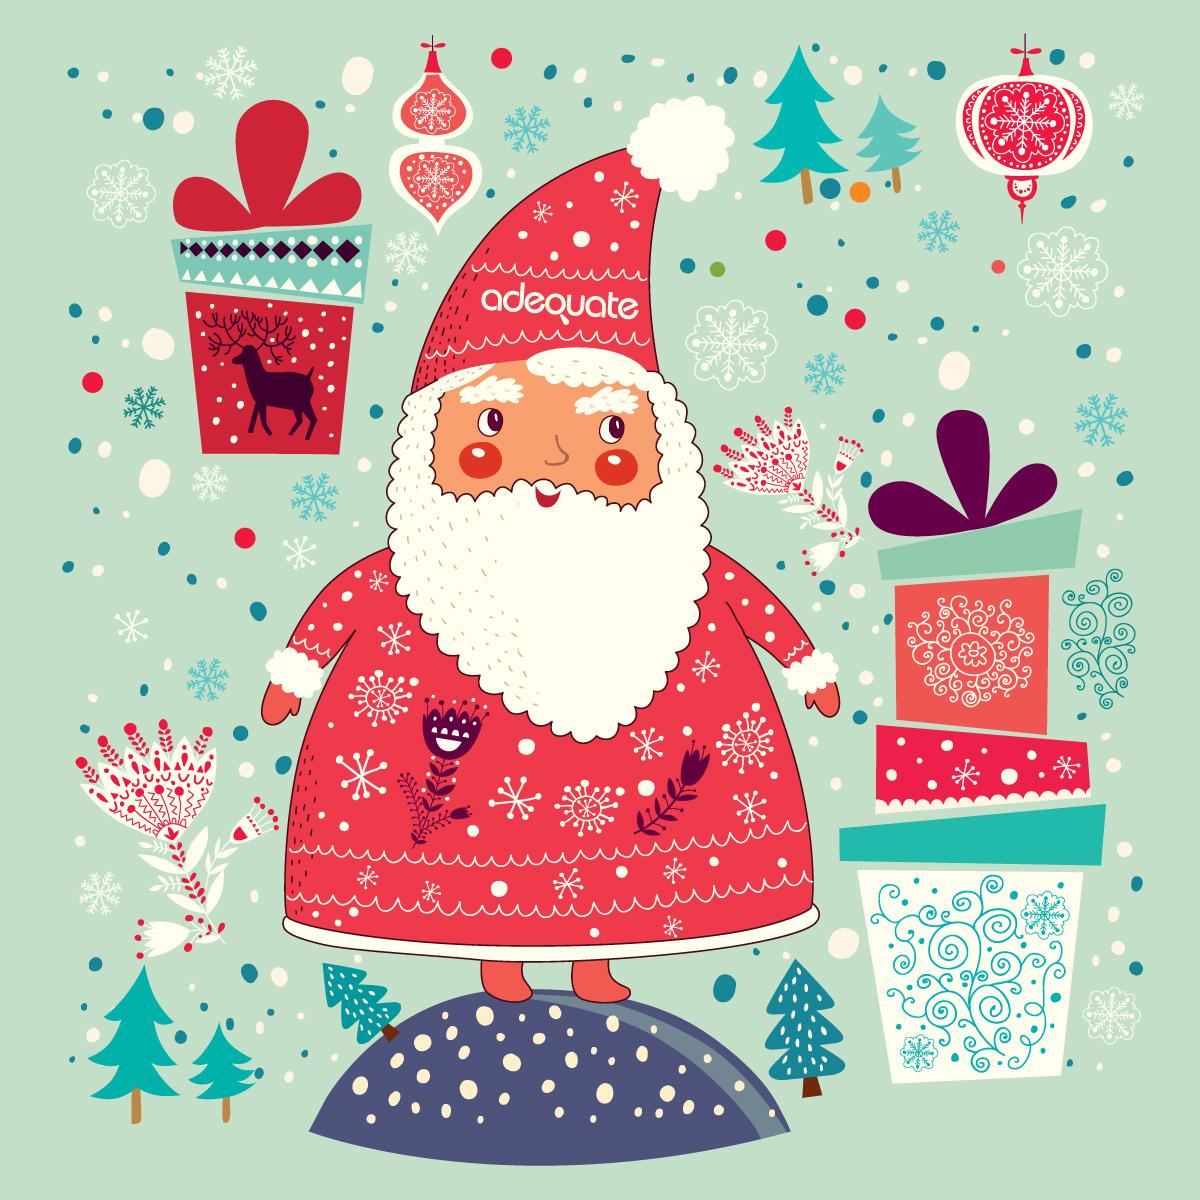 Zyczenia swiateczne - Boze Narodzenie 2014